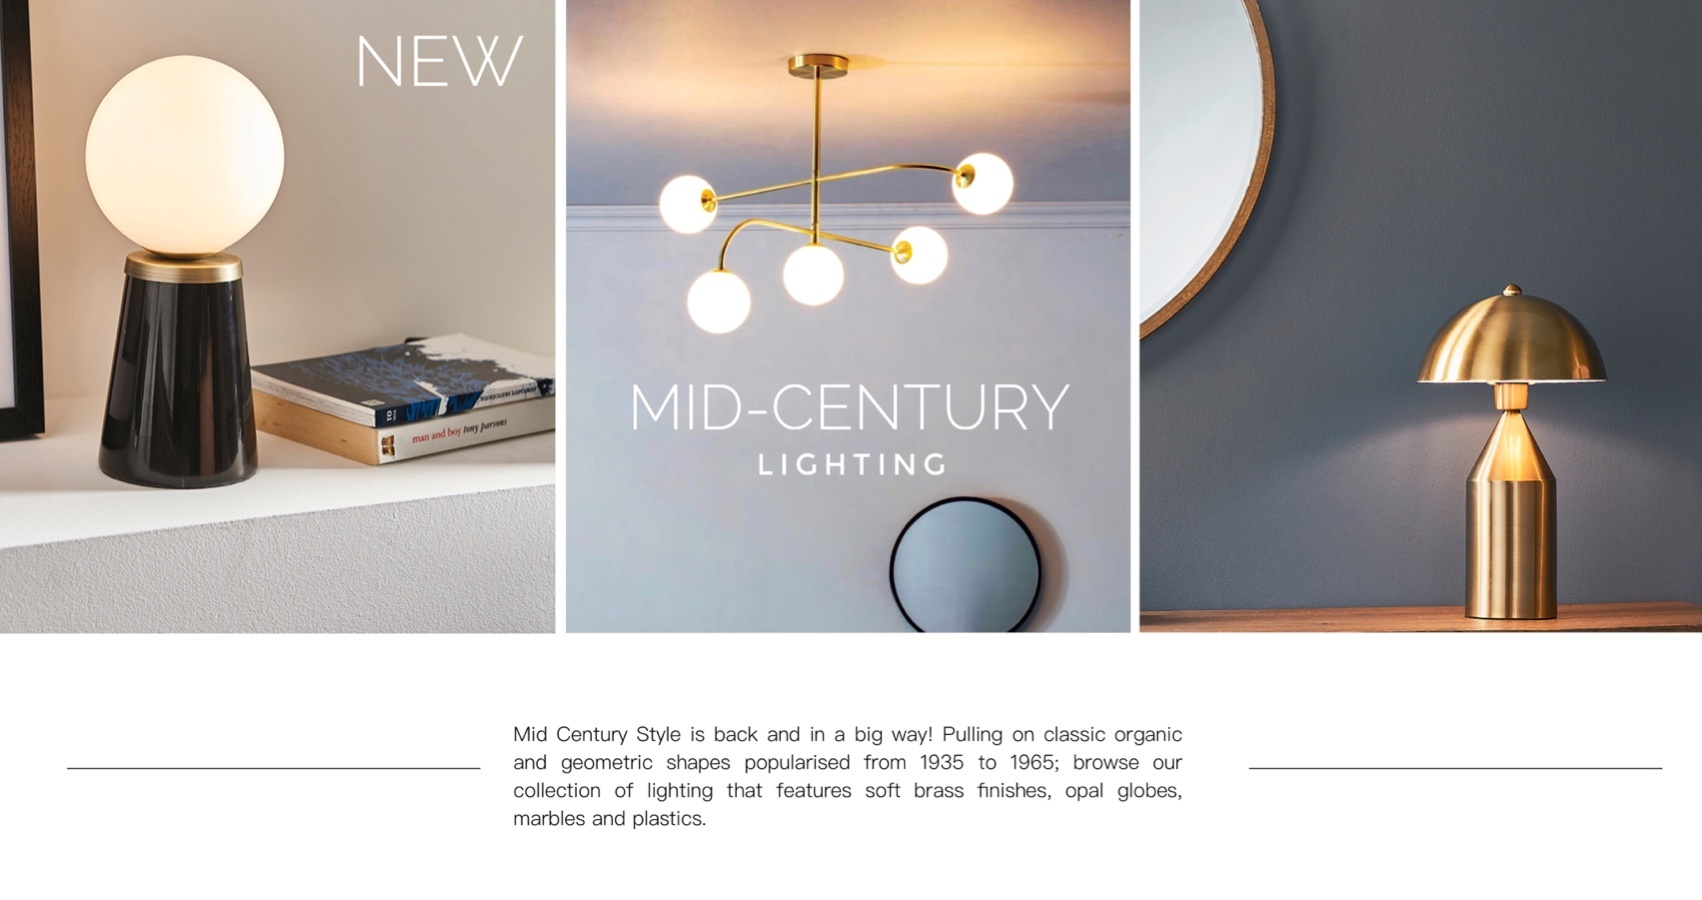 Mid century lighting